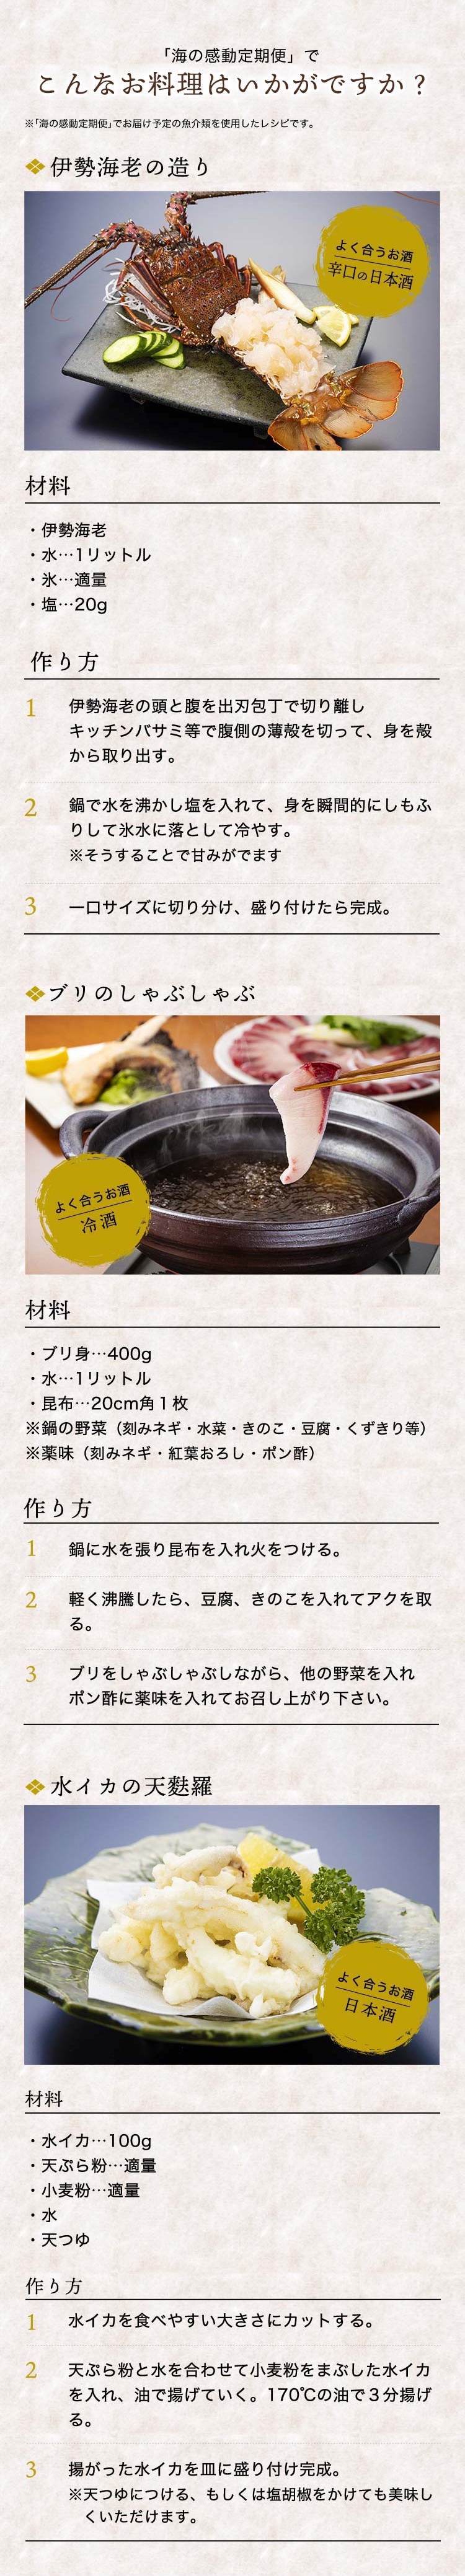 海の感動定期便でこんなお料理はいかがですか?伊勢海老の作りレシピ・ぶりのしゃぶしゃぶレシピ・水イカの天麩羅(てんぷら)レシピ